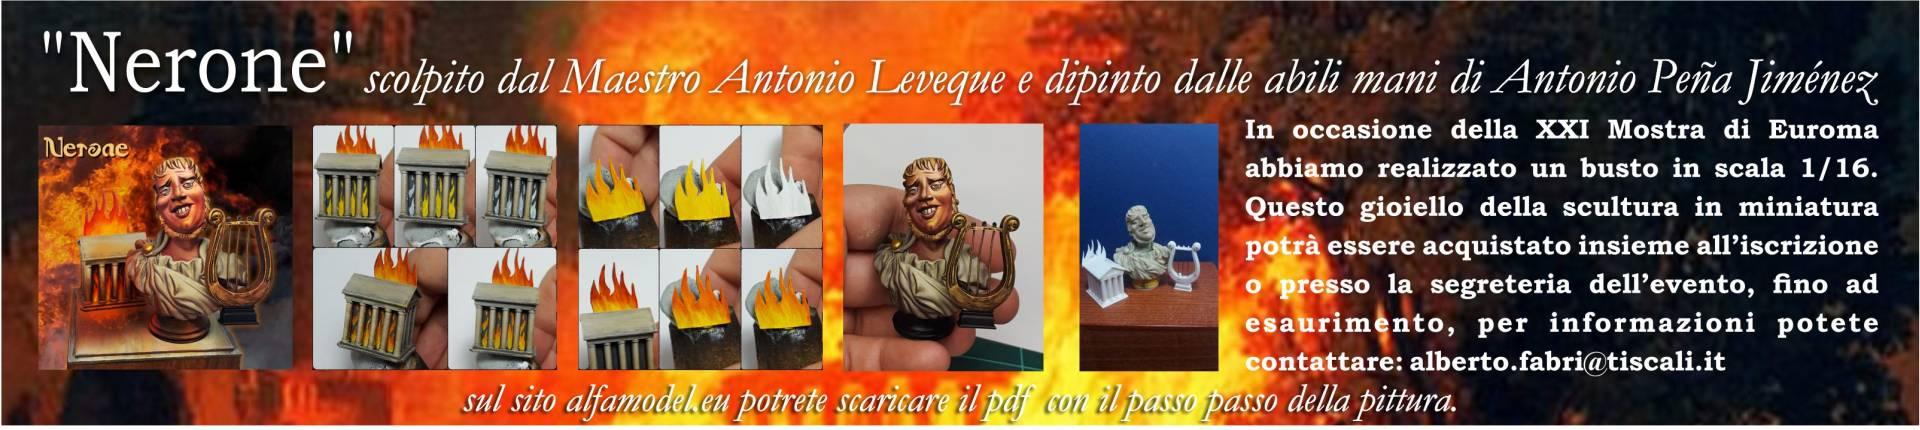 Banner Nerone